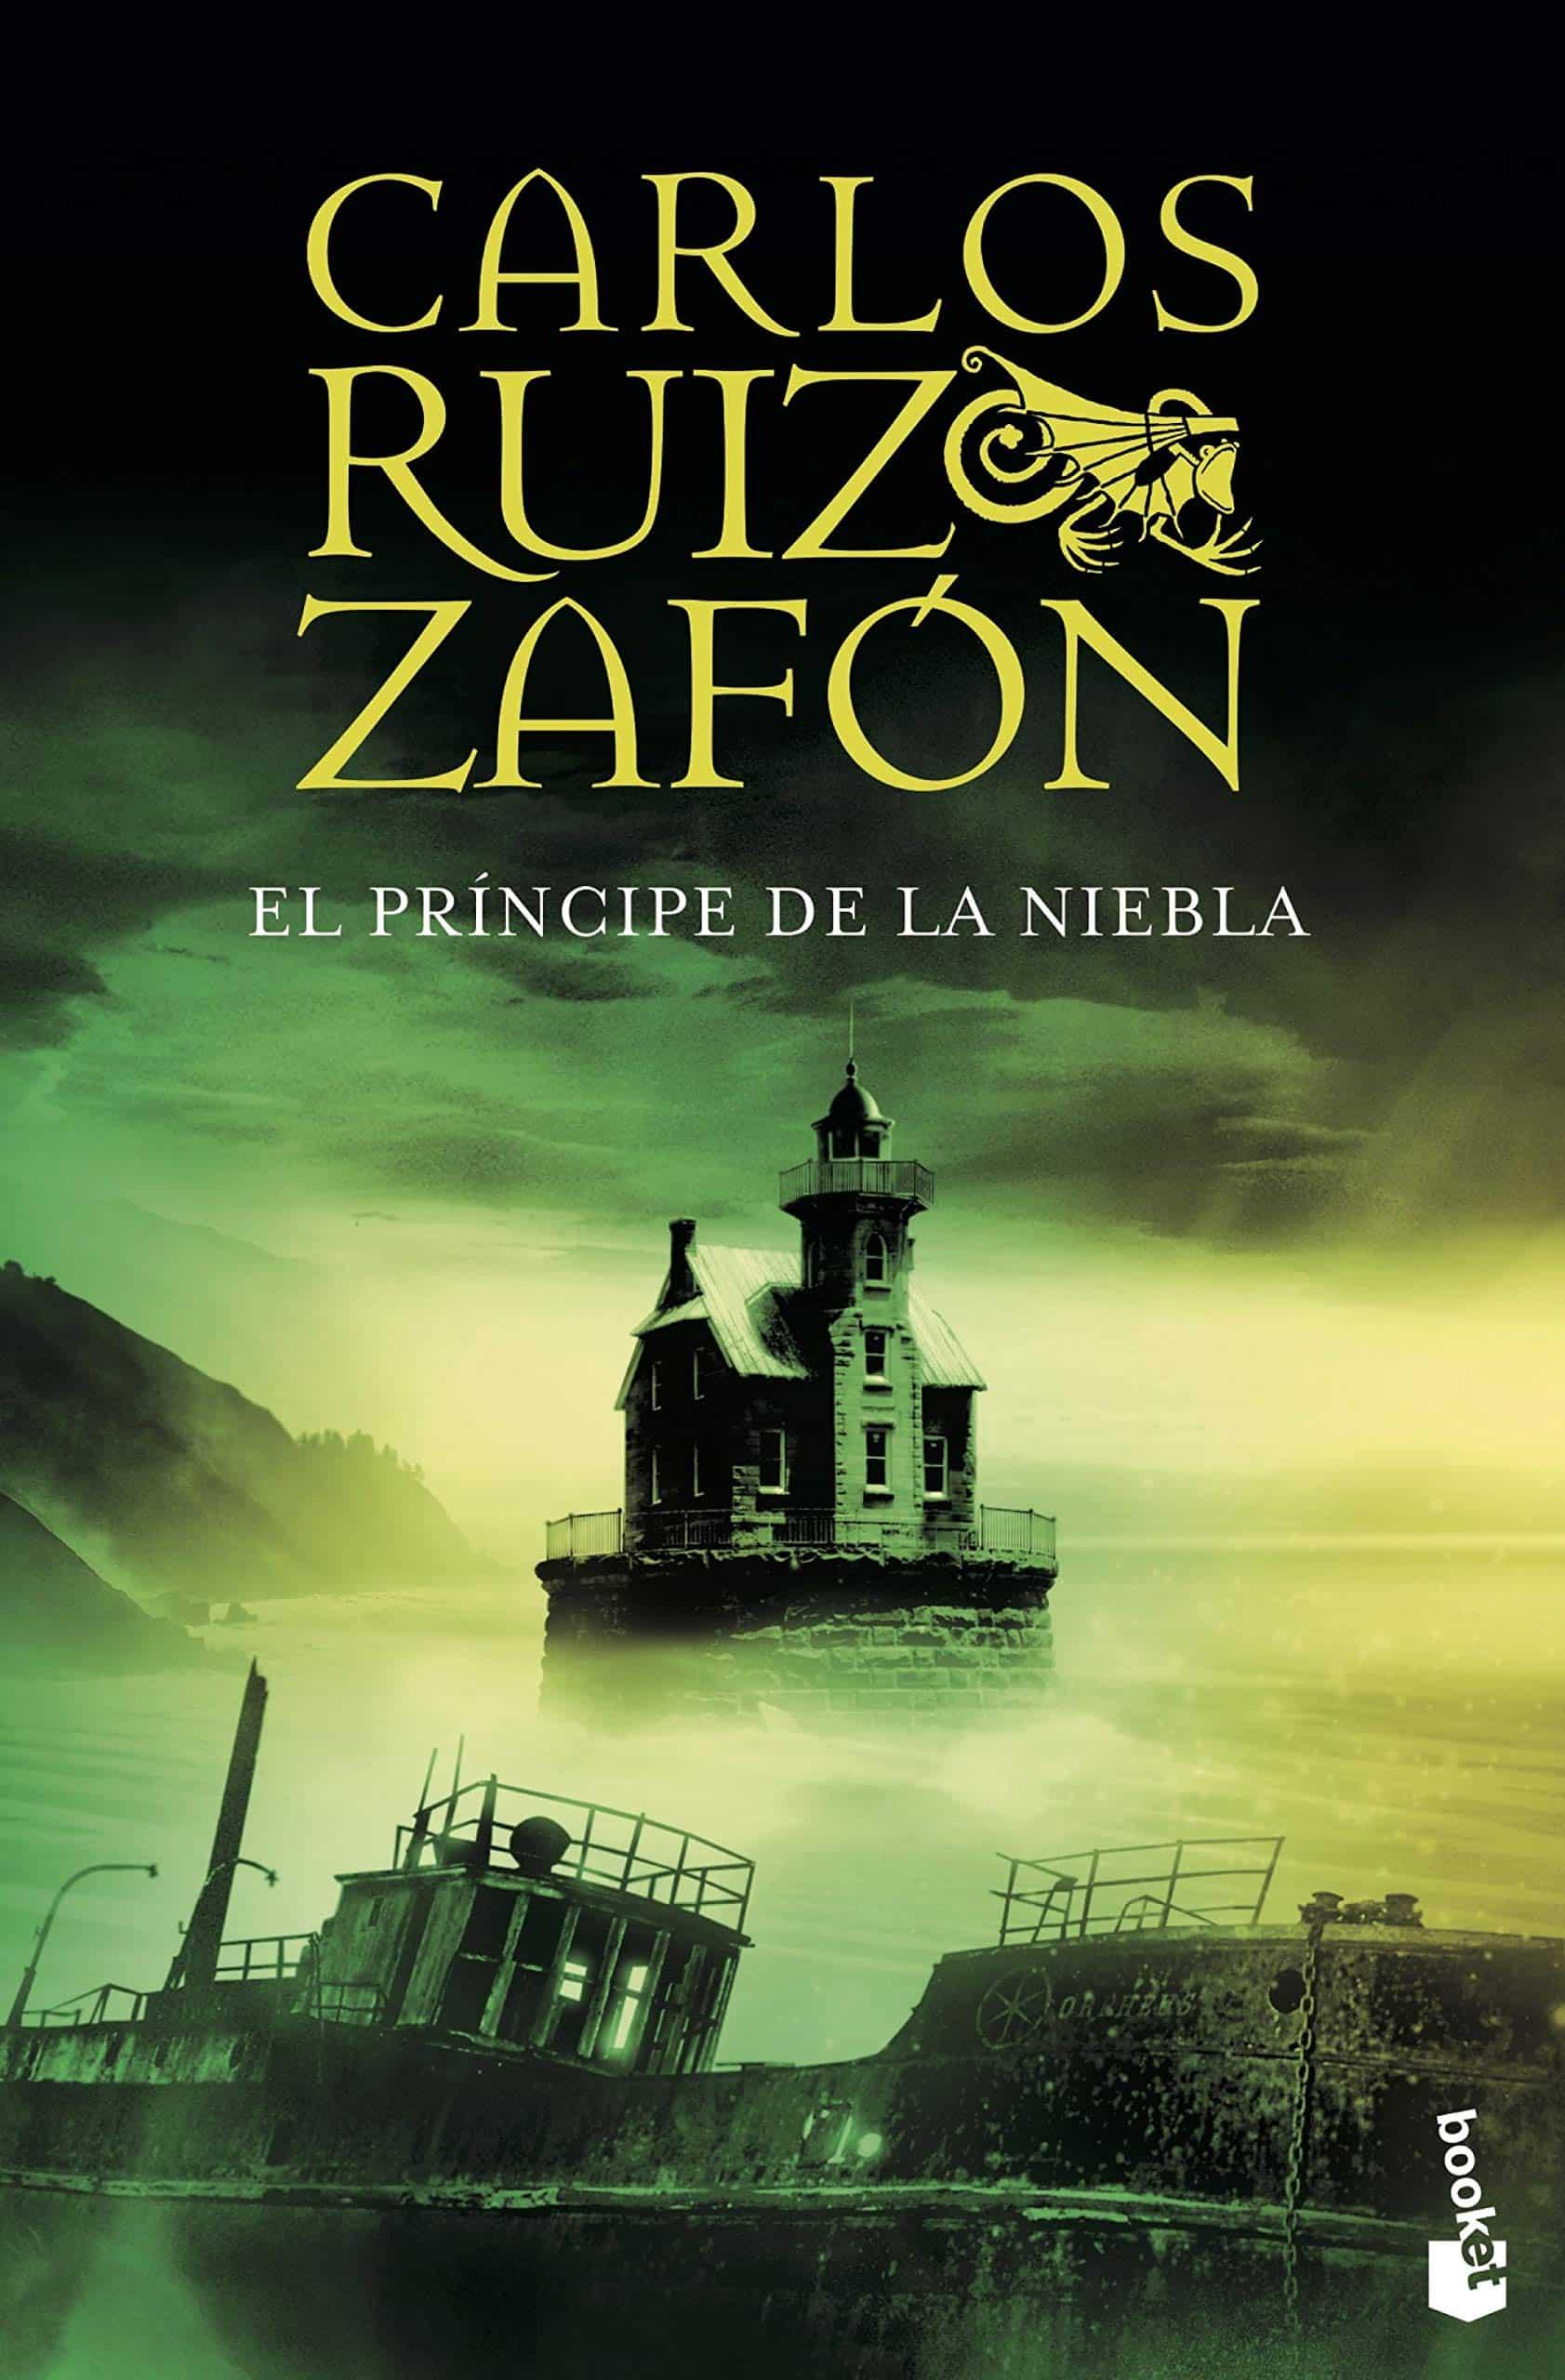 """Portada de libro """"El príncipe de la niebla """" de Carlos Ruiz Zafón."""